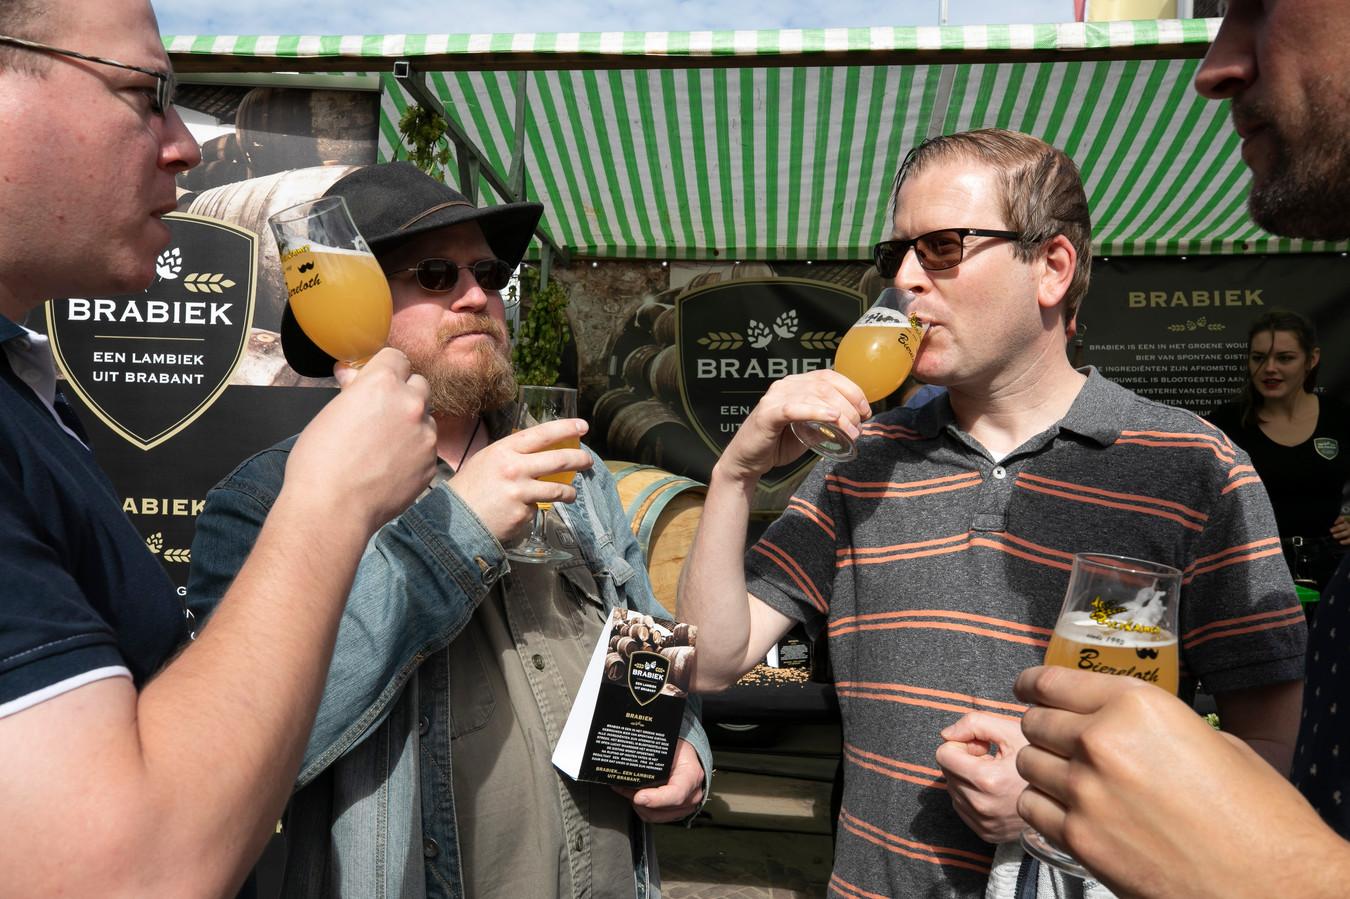 De vier Boxtelse vrienden vlnr Harold, Daan, Floris en Koen aan de Brabiek tijdens bierfestival Biereloth.